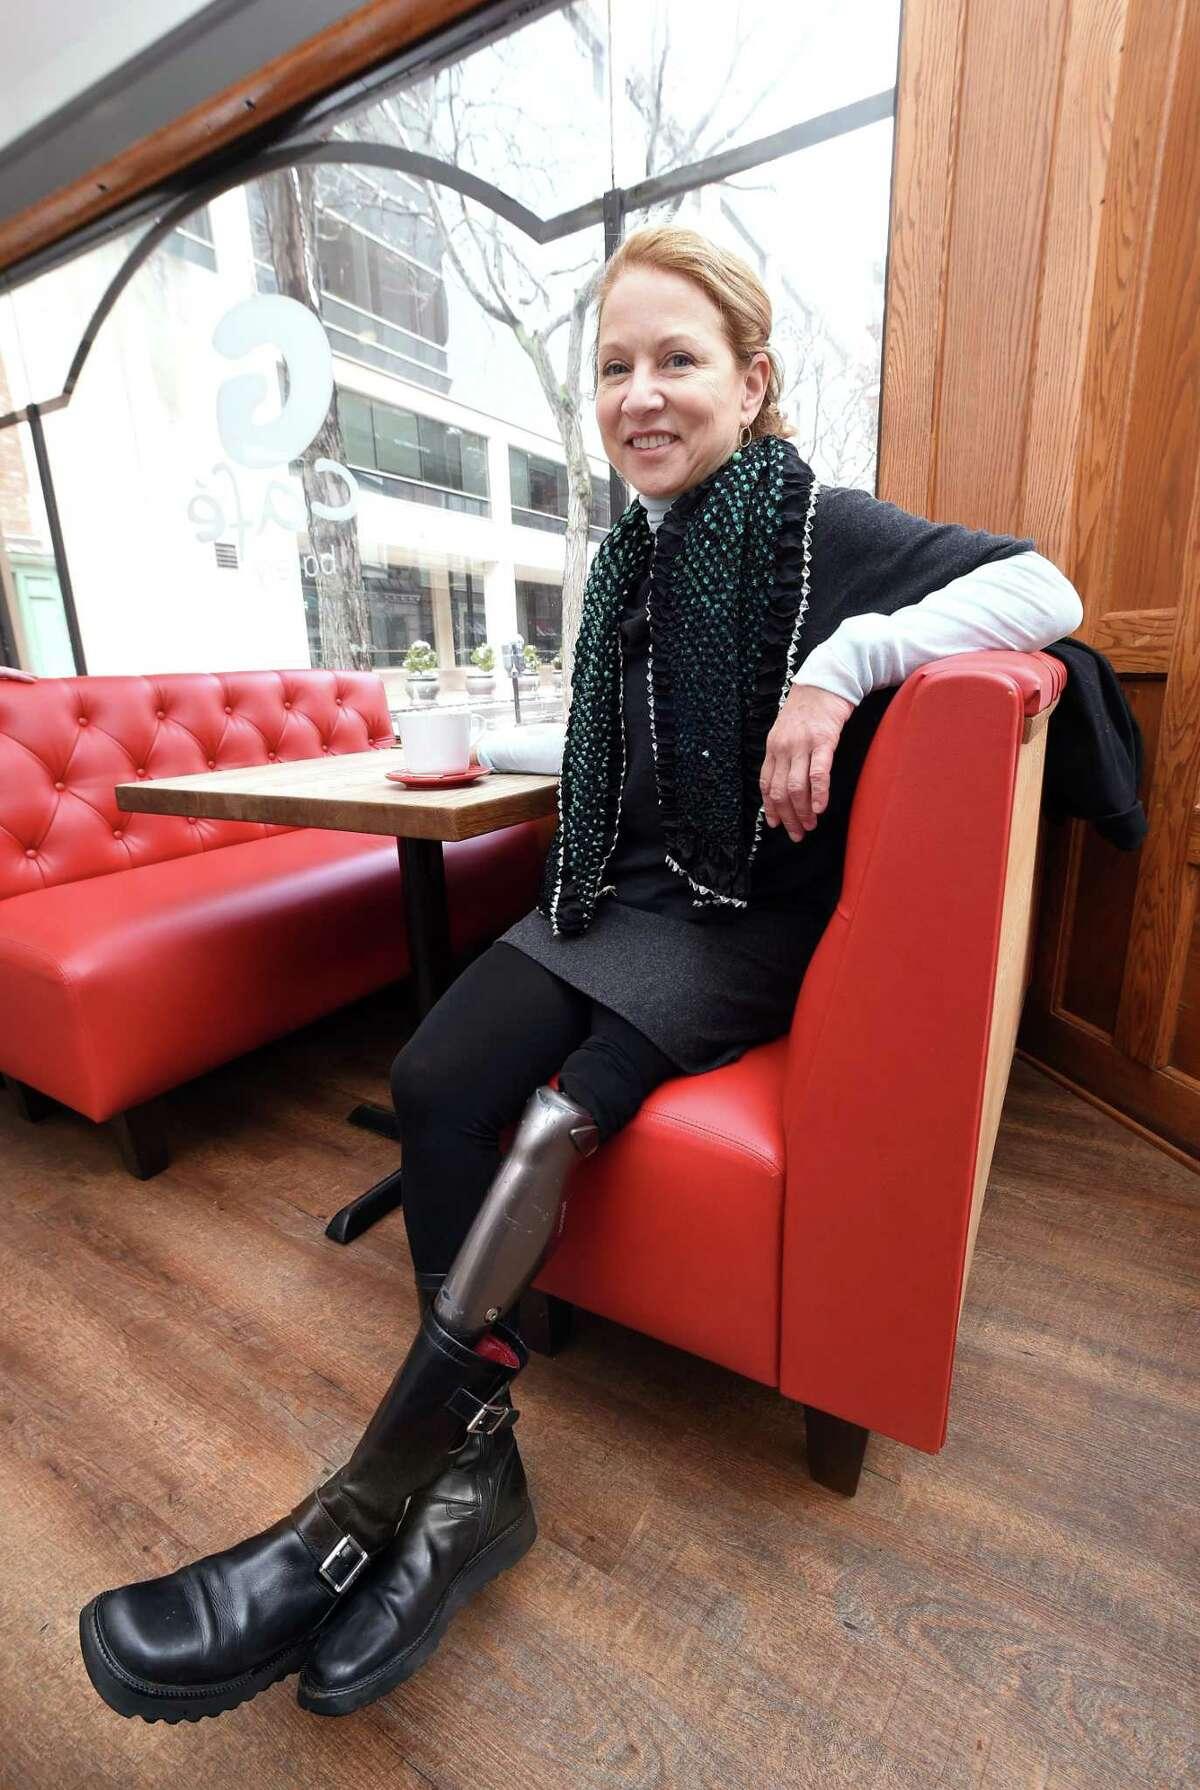 Brenda Novak of Branford advocated for better health insurance coverage for advanced prosthetics.